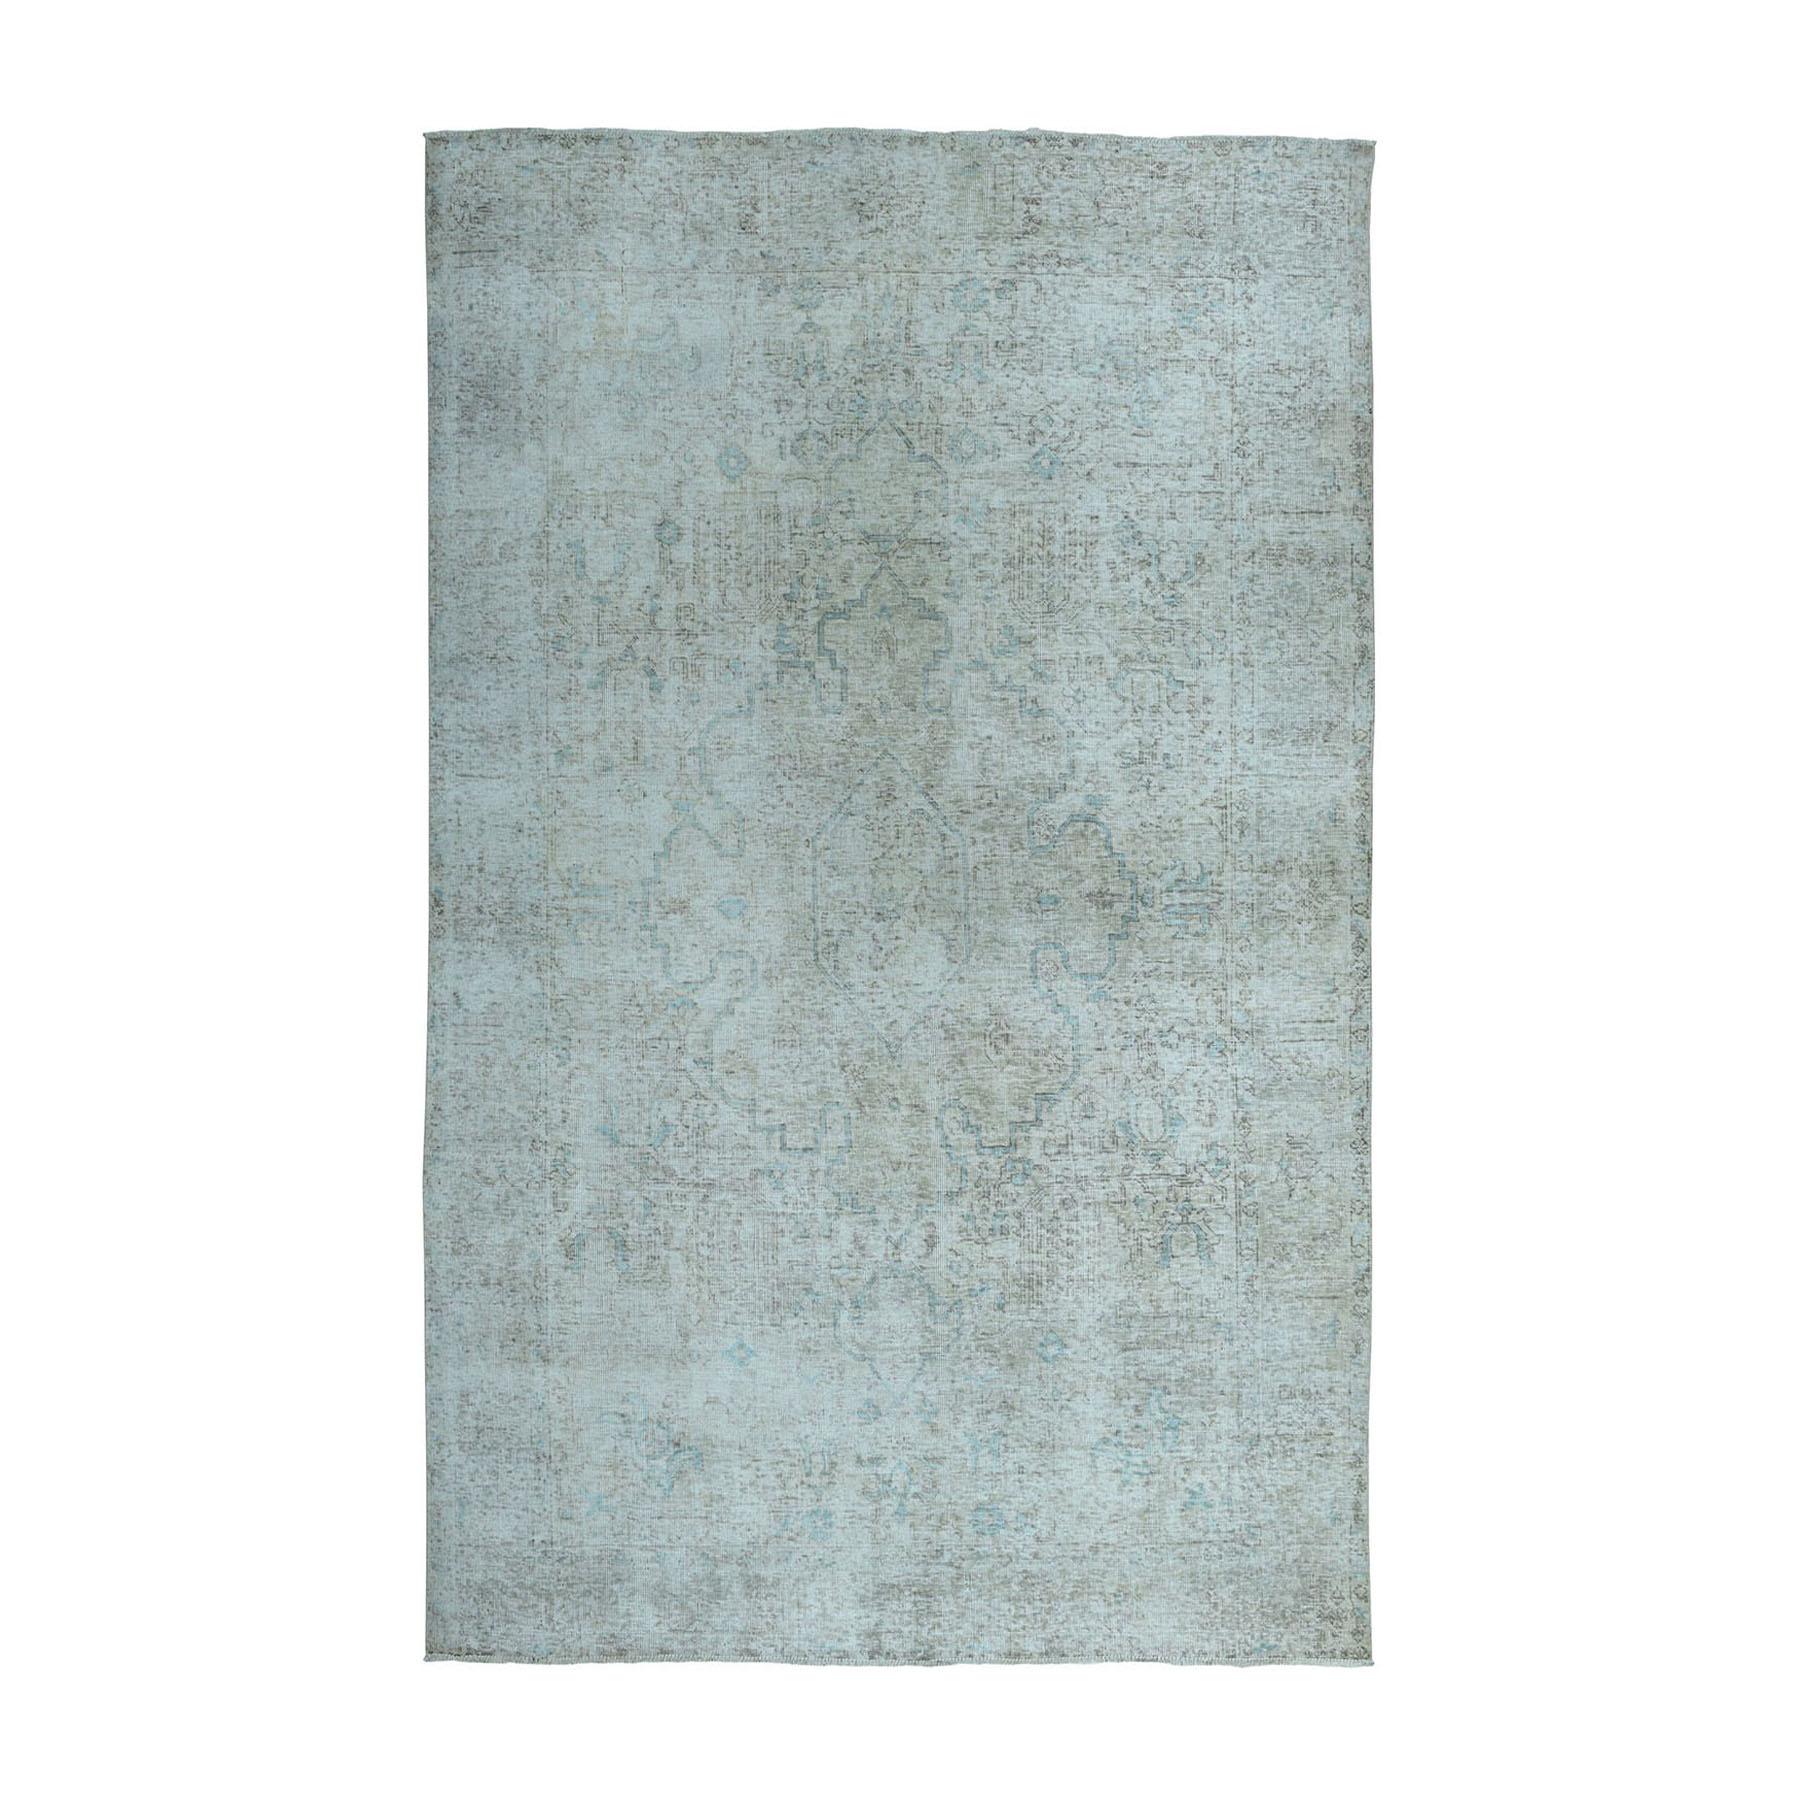 """6'1""""x9' Vintage White Wash Tabriz Worn Wool Hand-Knotted Oriental Rug"""